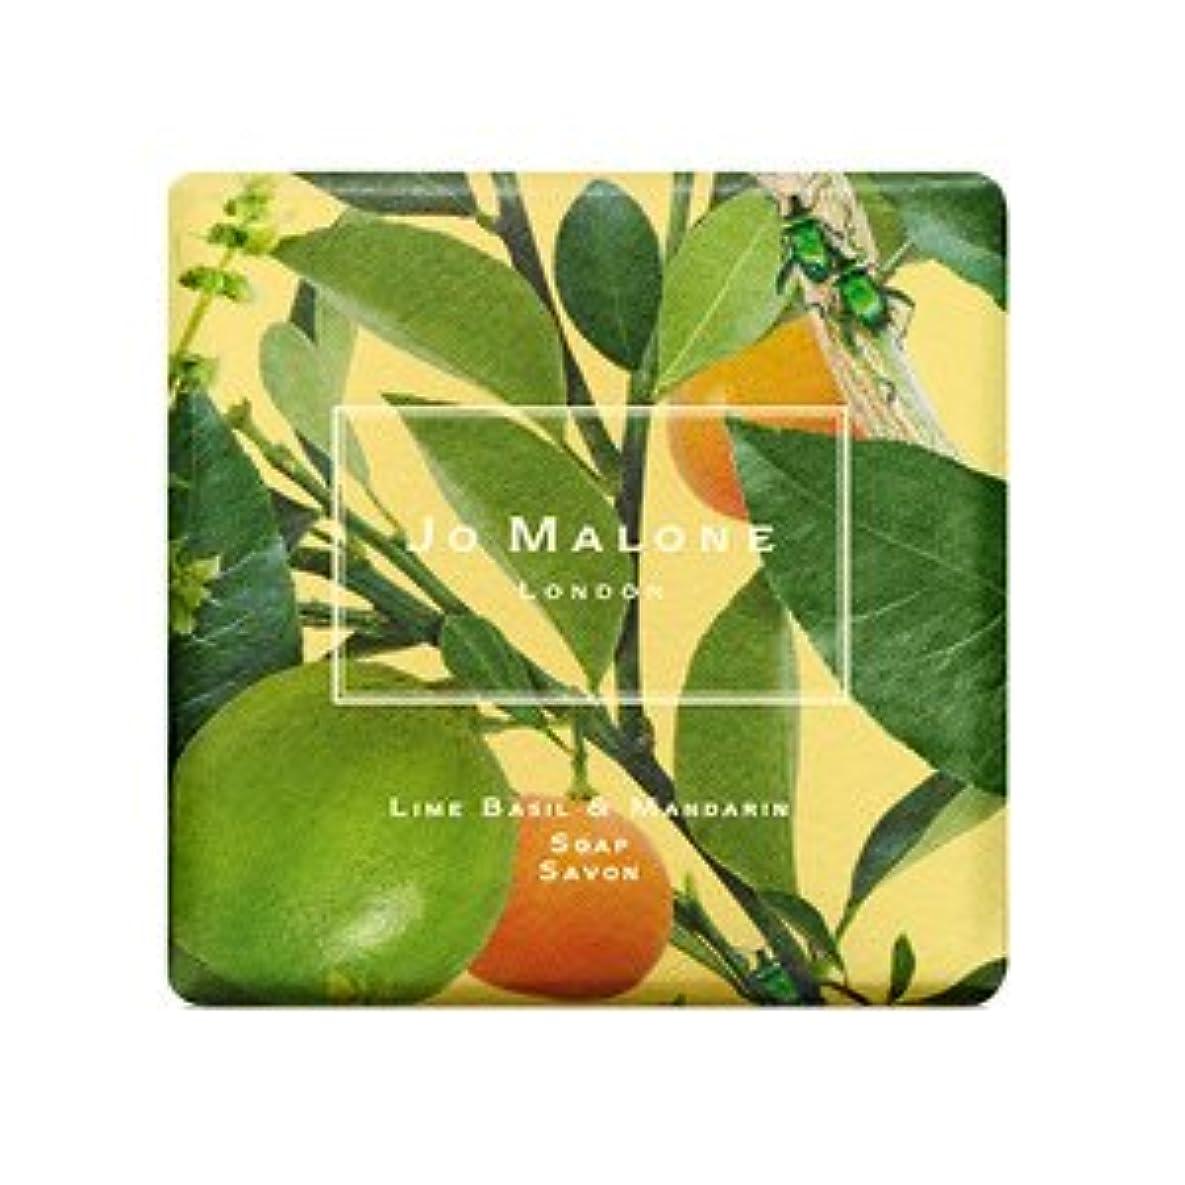 どれ約束する退屈なJO MALONE LONDON (ジョー マローン ロンドン) ライム バジル & マンダリン ソープ